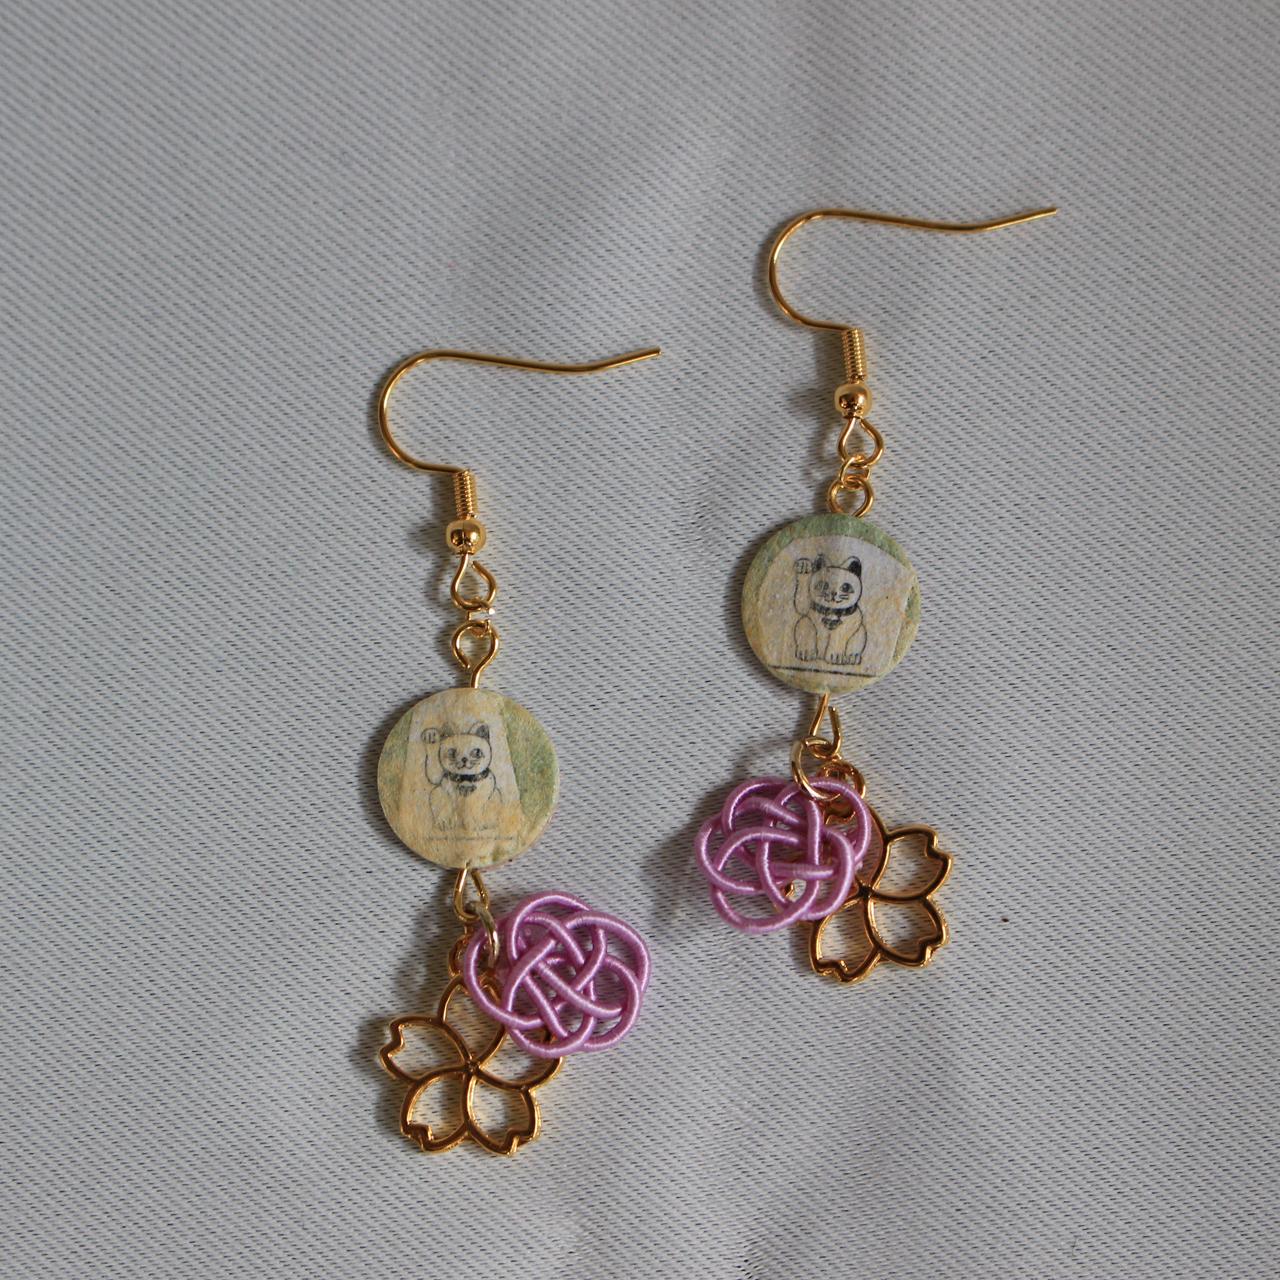 和紙&水引ピアス④<japanese paper & mizuhiki earrings④>